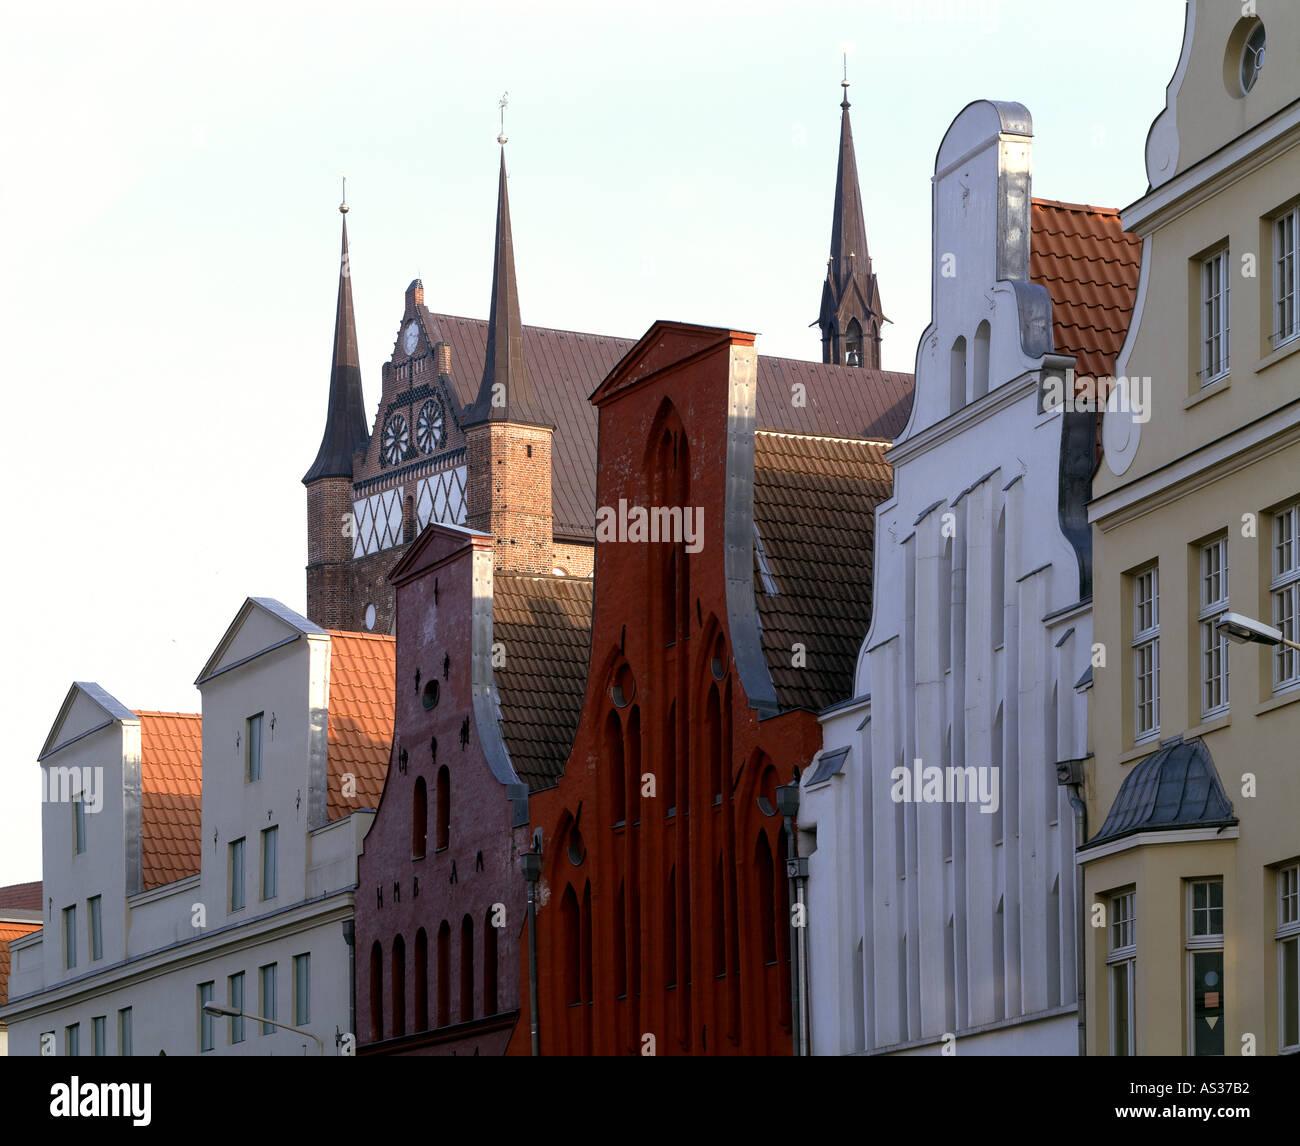 Wismar, Lübsche Straße, Im Hintergrund St. Georgen, Nordfassade - Stock Image